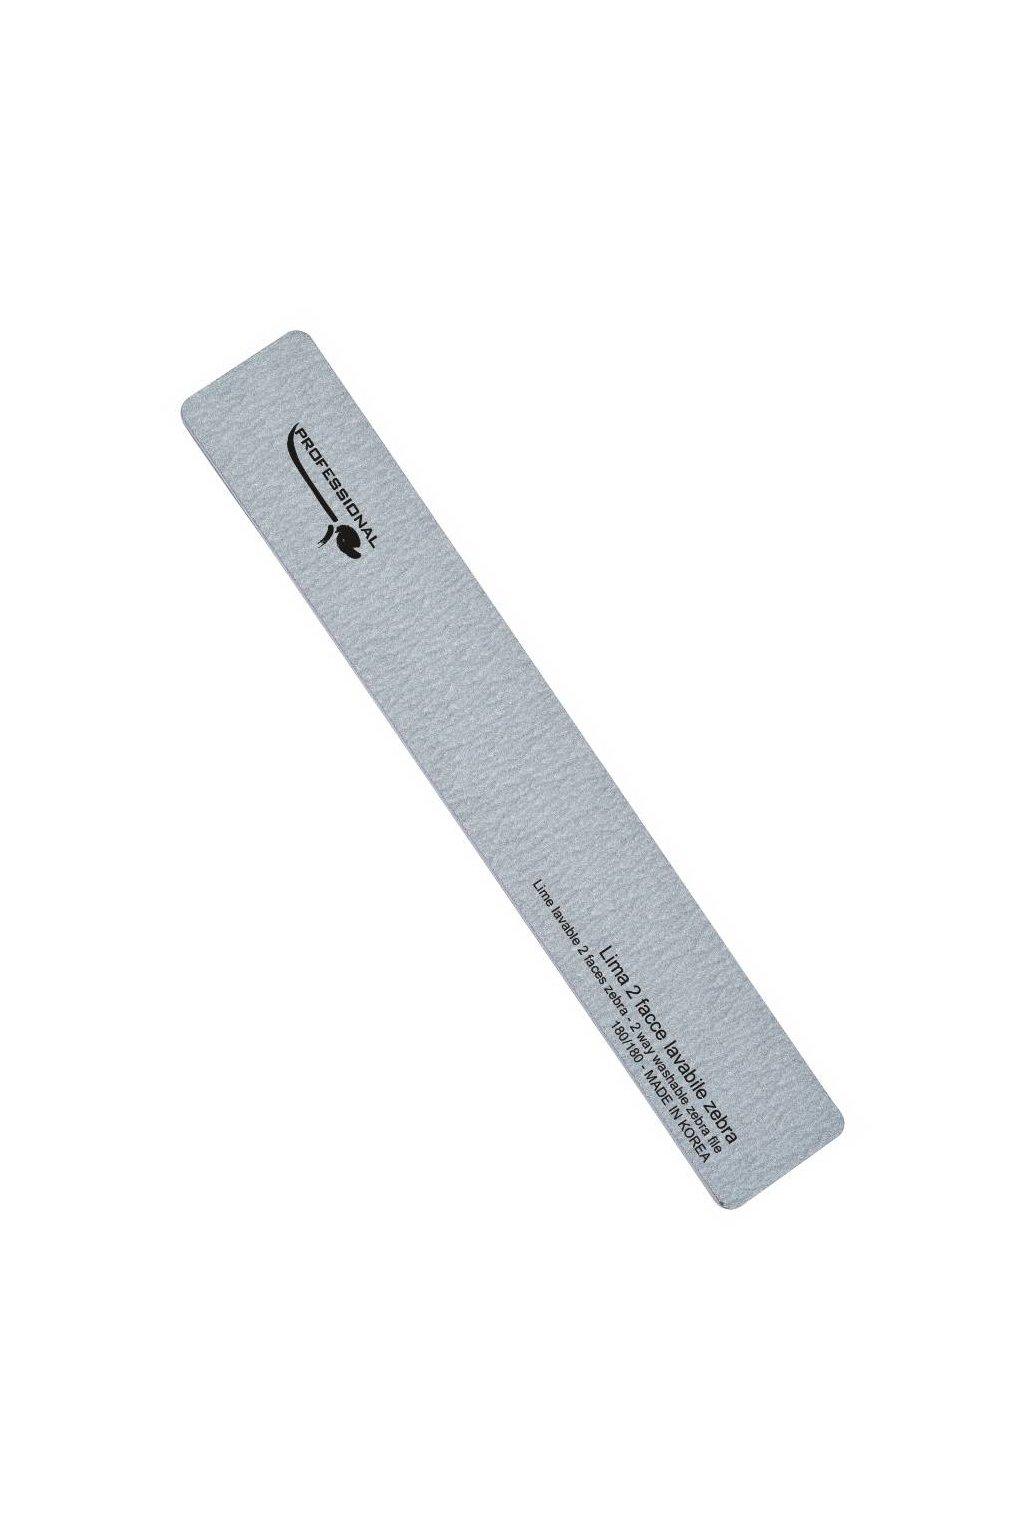 Pilník na nehty obdélník ZEBRA hrubost 180/180, omyvatelný